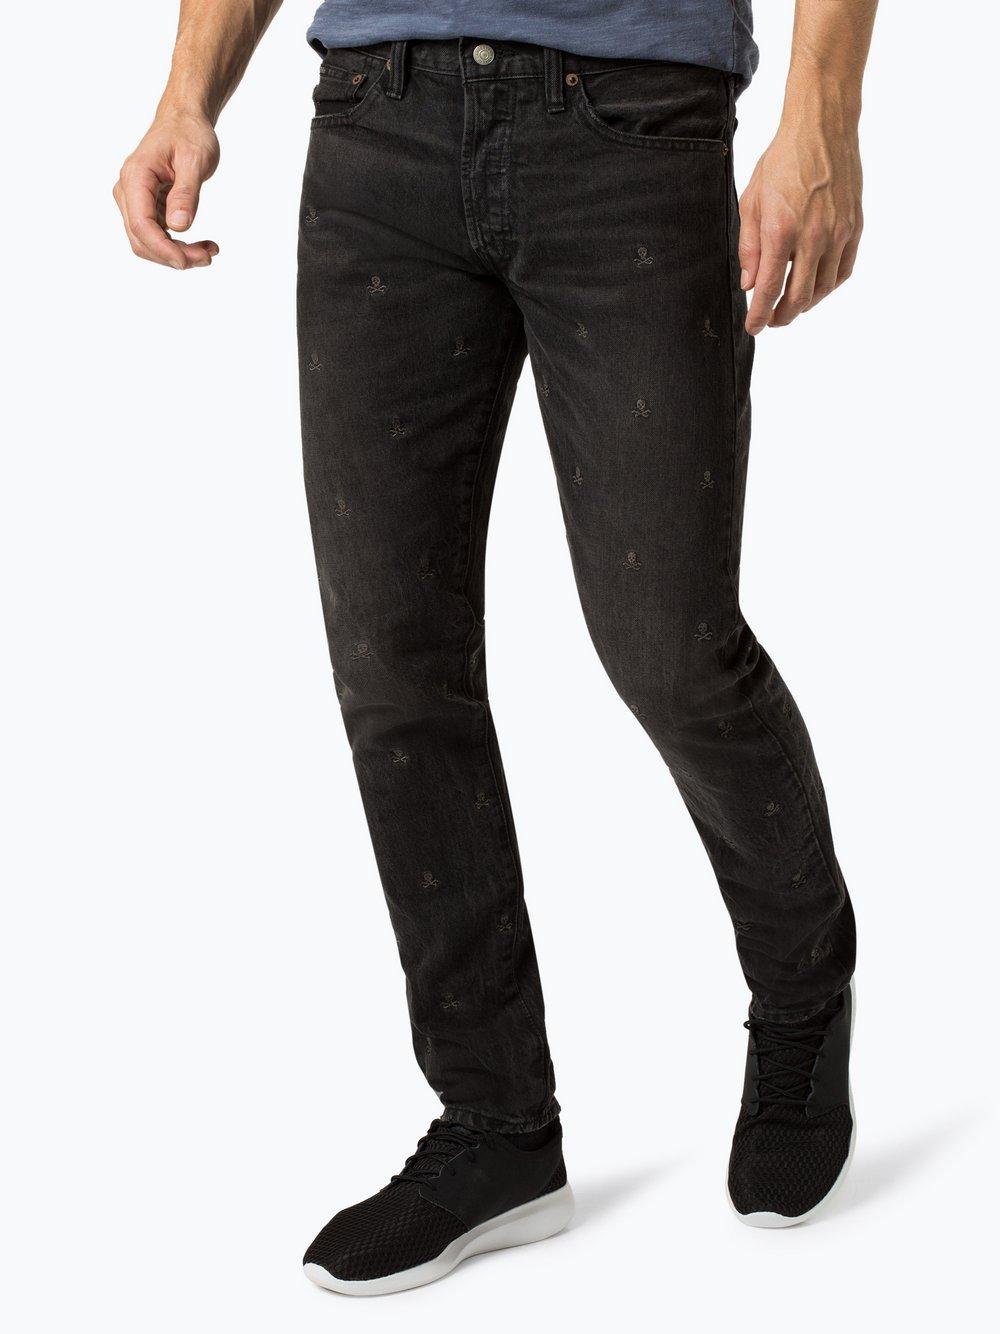 online store af83c 0d4b5 Polo Ralph Lauren Herren Jeans - Sullivan Slim online kaufen ...